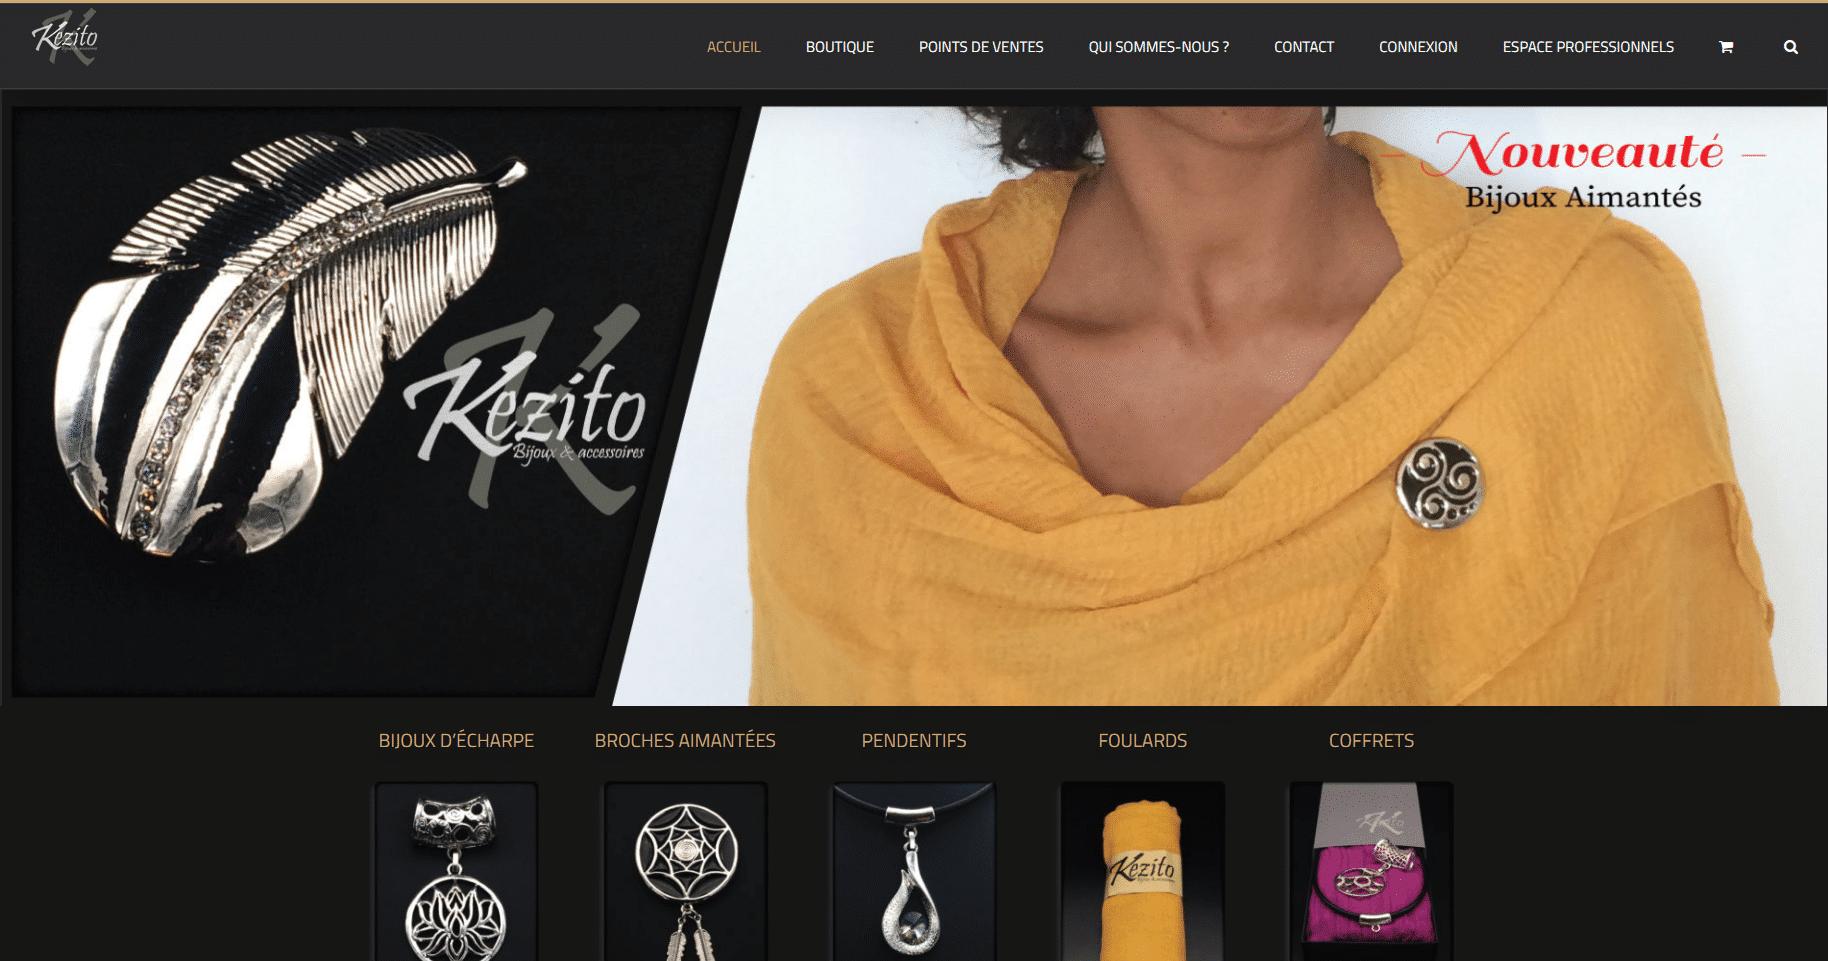 Kezito